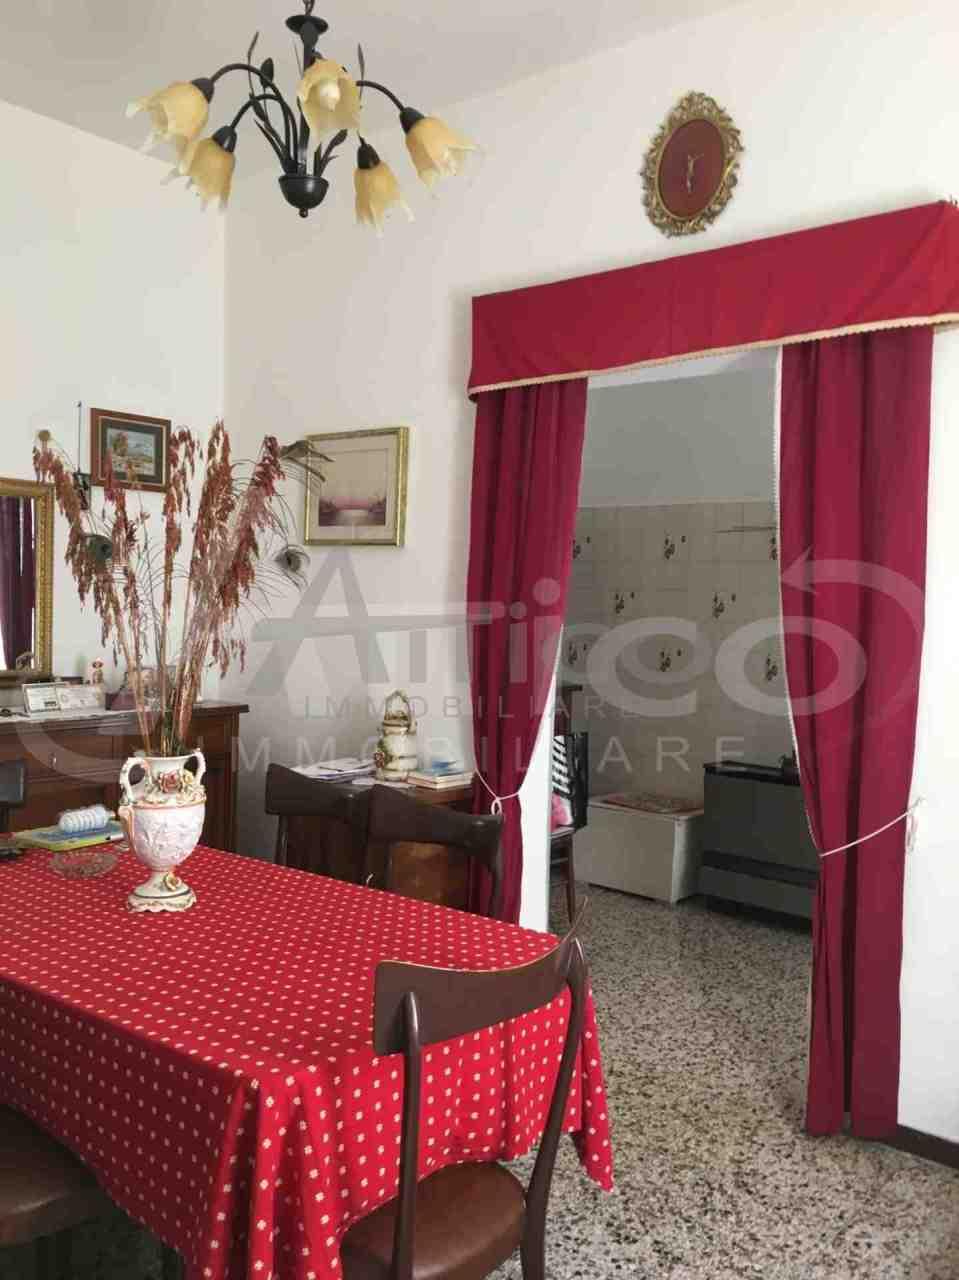 Semindipendente - Porzione di casa a Roverdicre, Rovigo